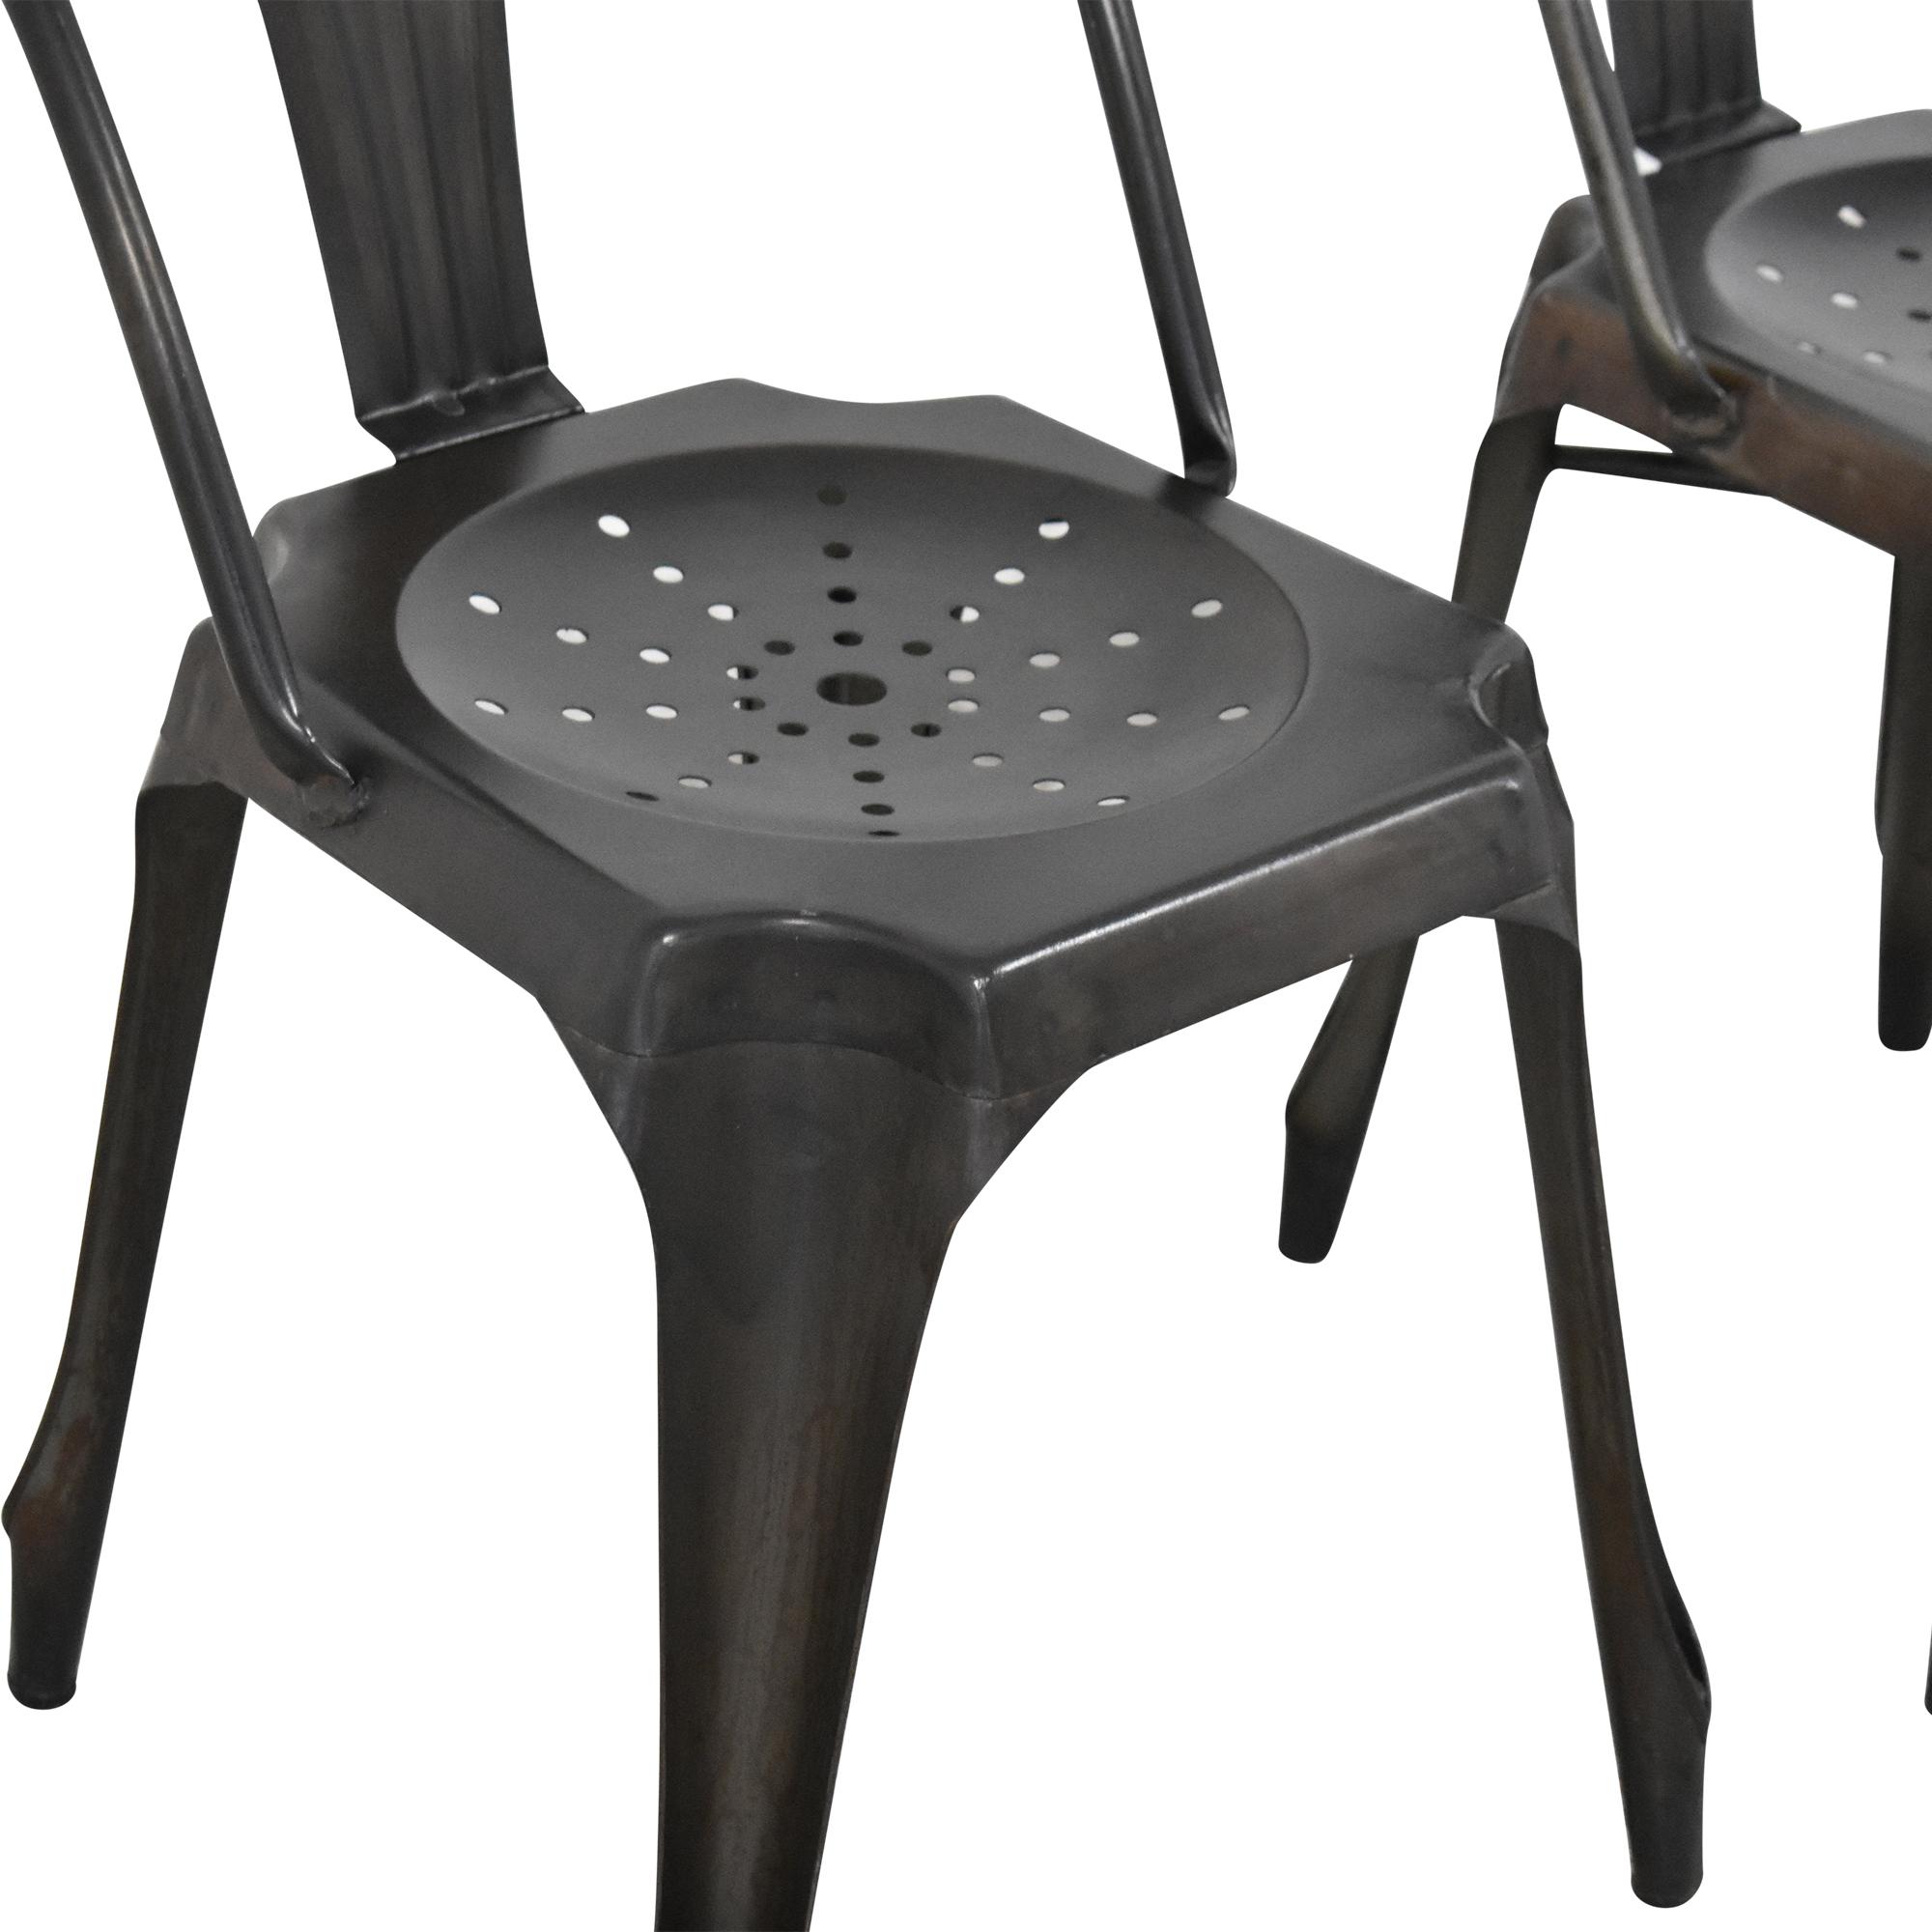 Maison du Monde Maison du Monde MULTIPL's Industrial Chairs used